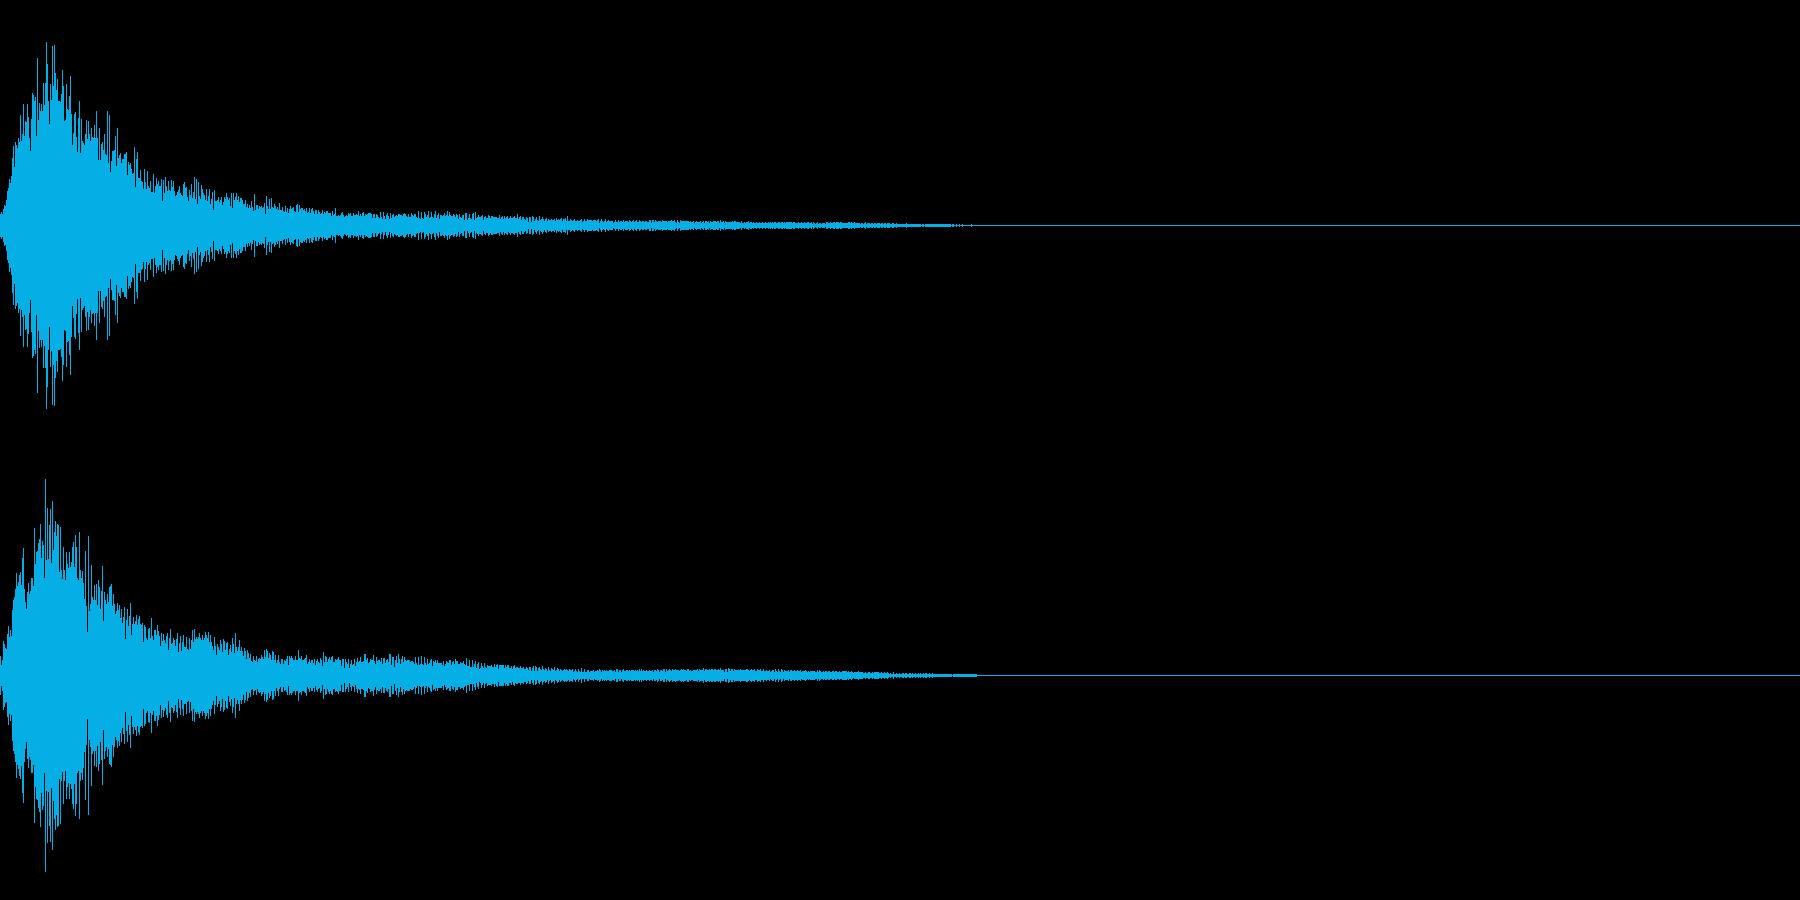 ホラー5(幽霊が現れる音)の再生済みの波形